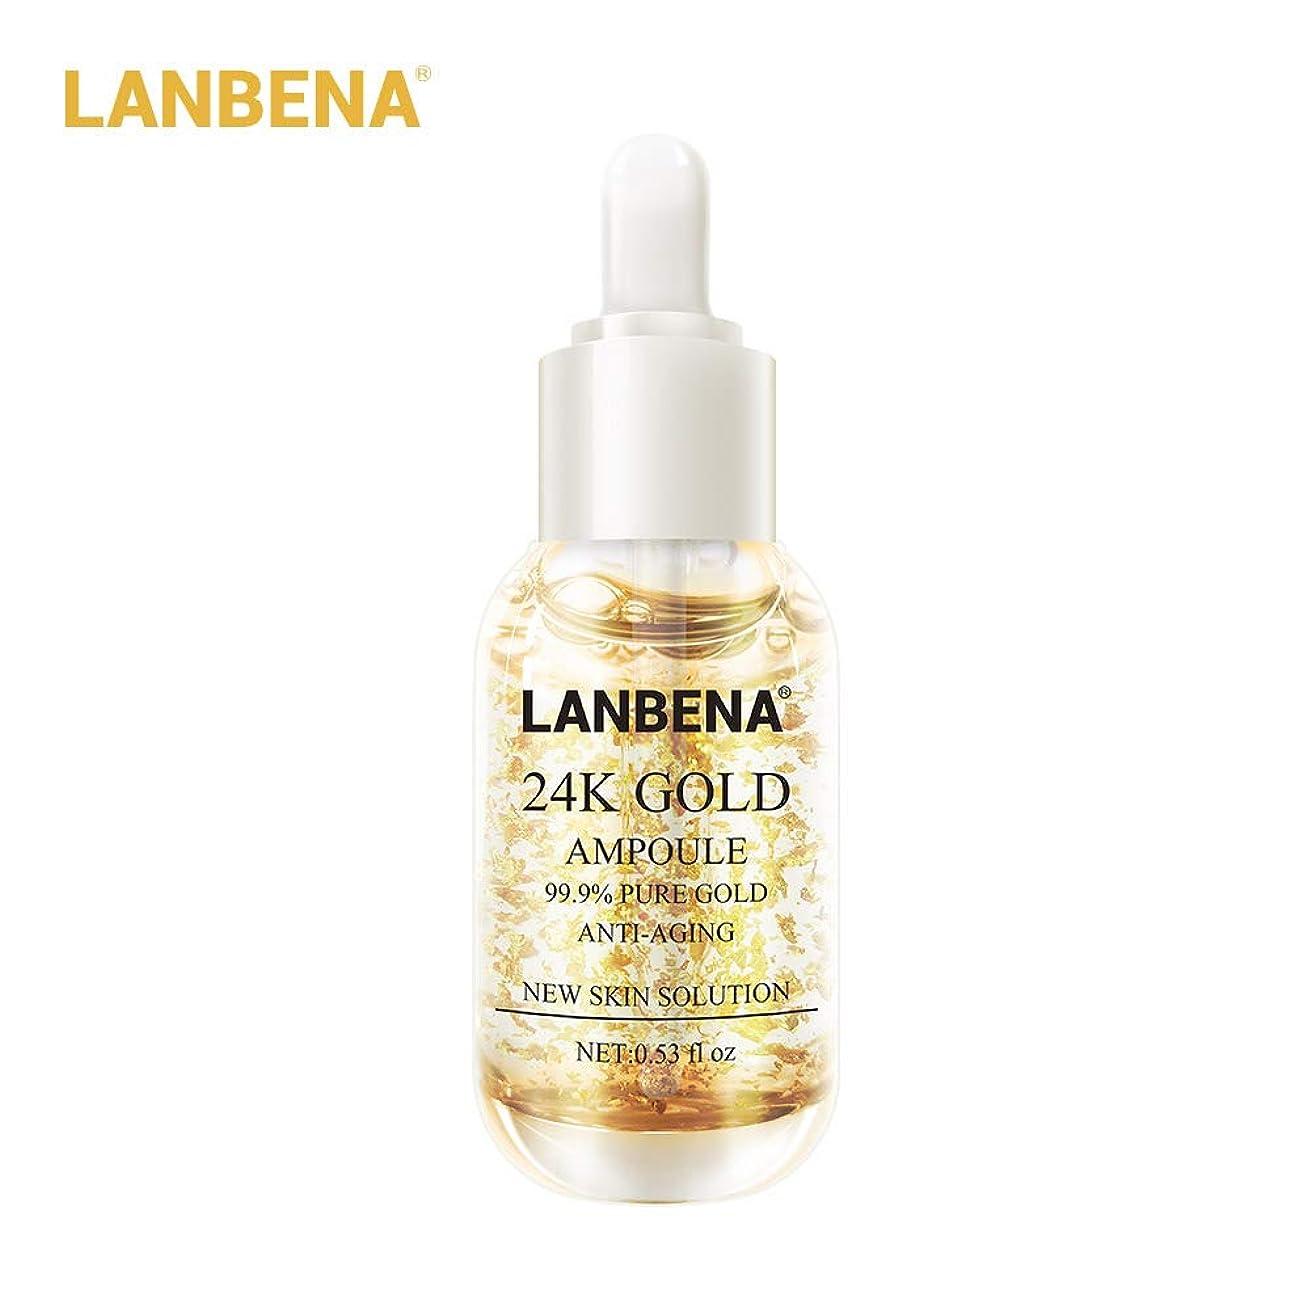 精神的に散歩に行くトランスペアレントLANBENA 24K GOLD ペプチド美容液